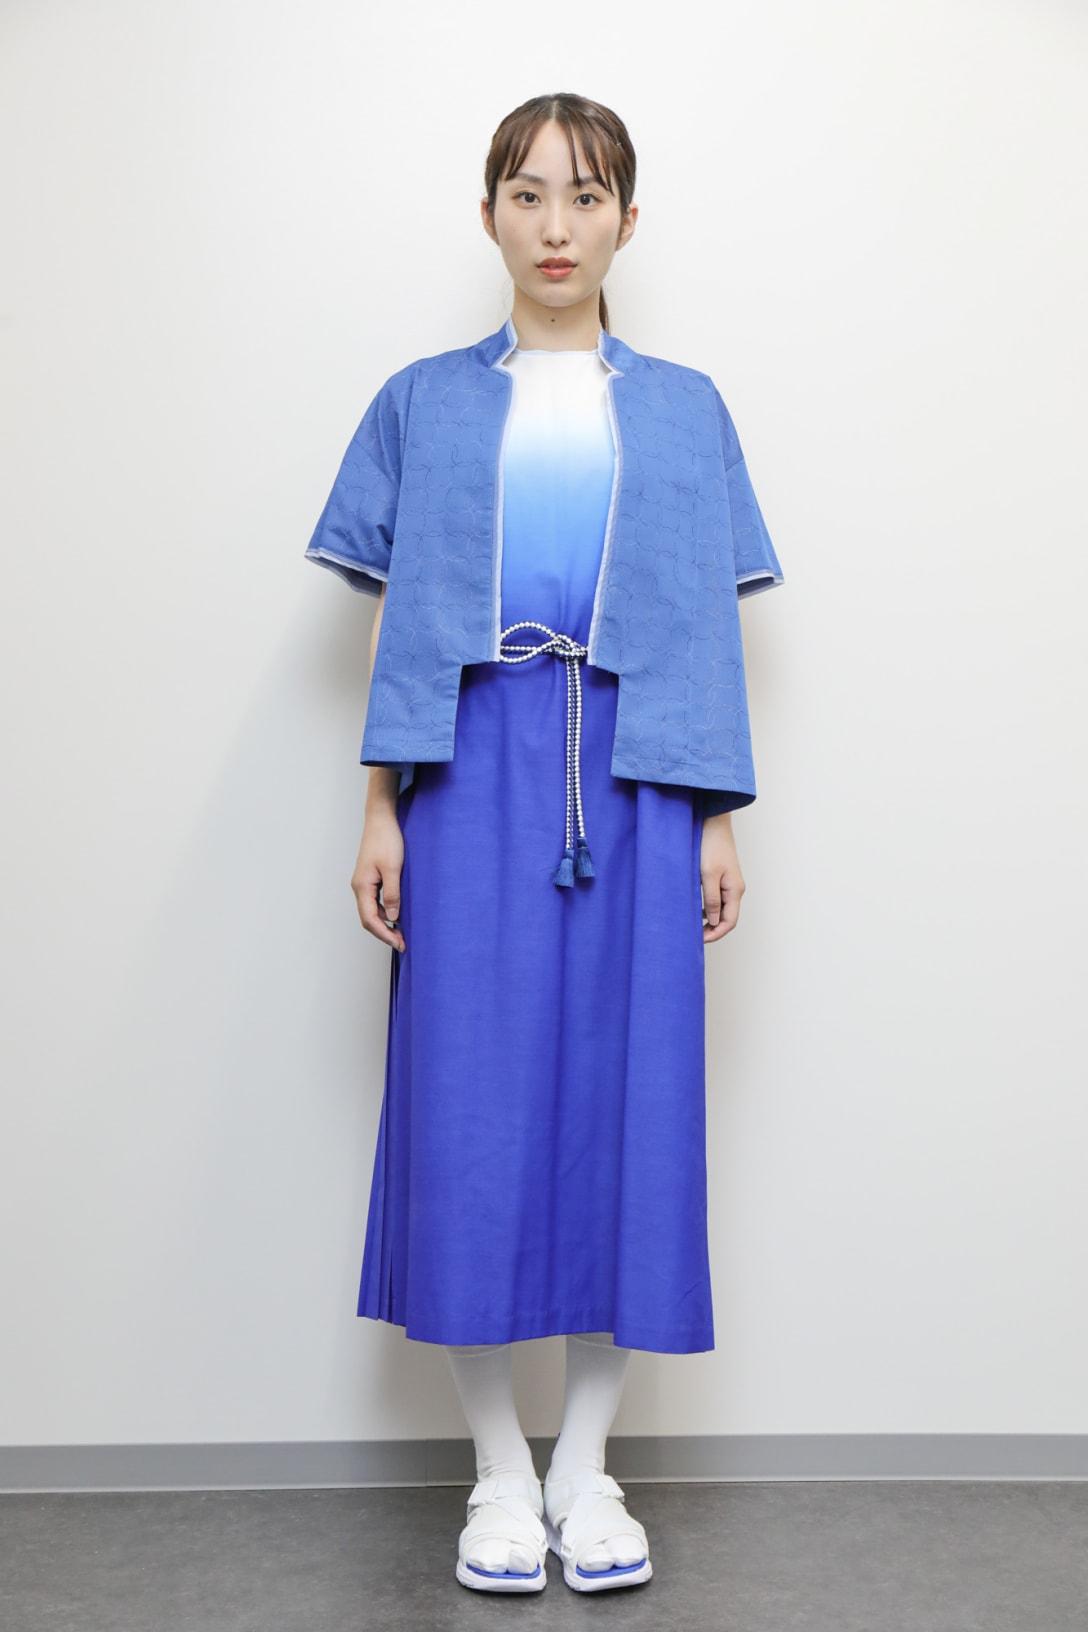 表彰式で使用される衣装 Image by Tokyo 2020